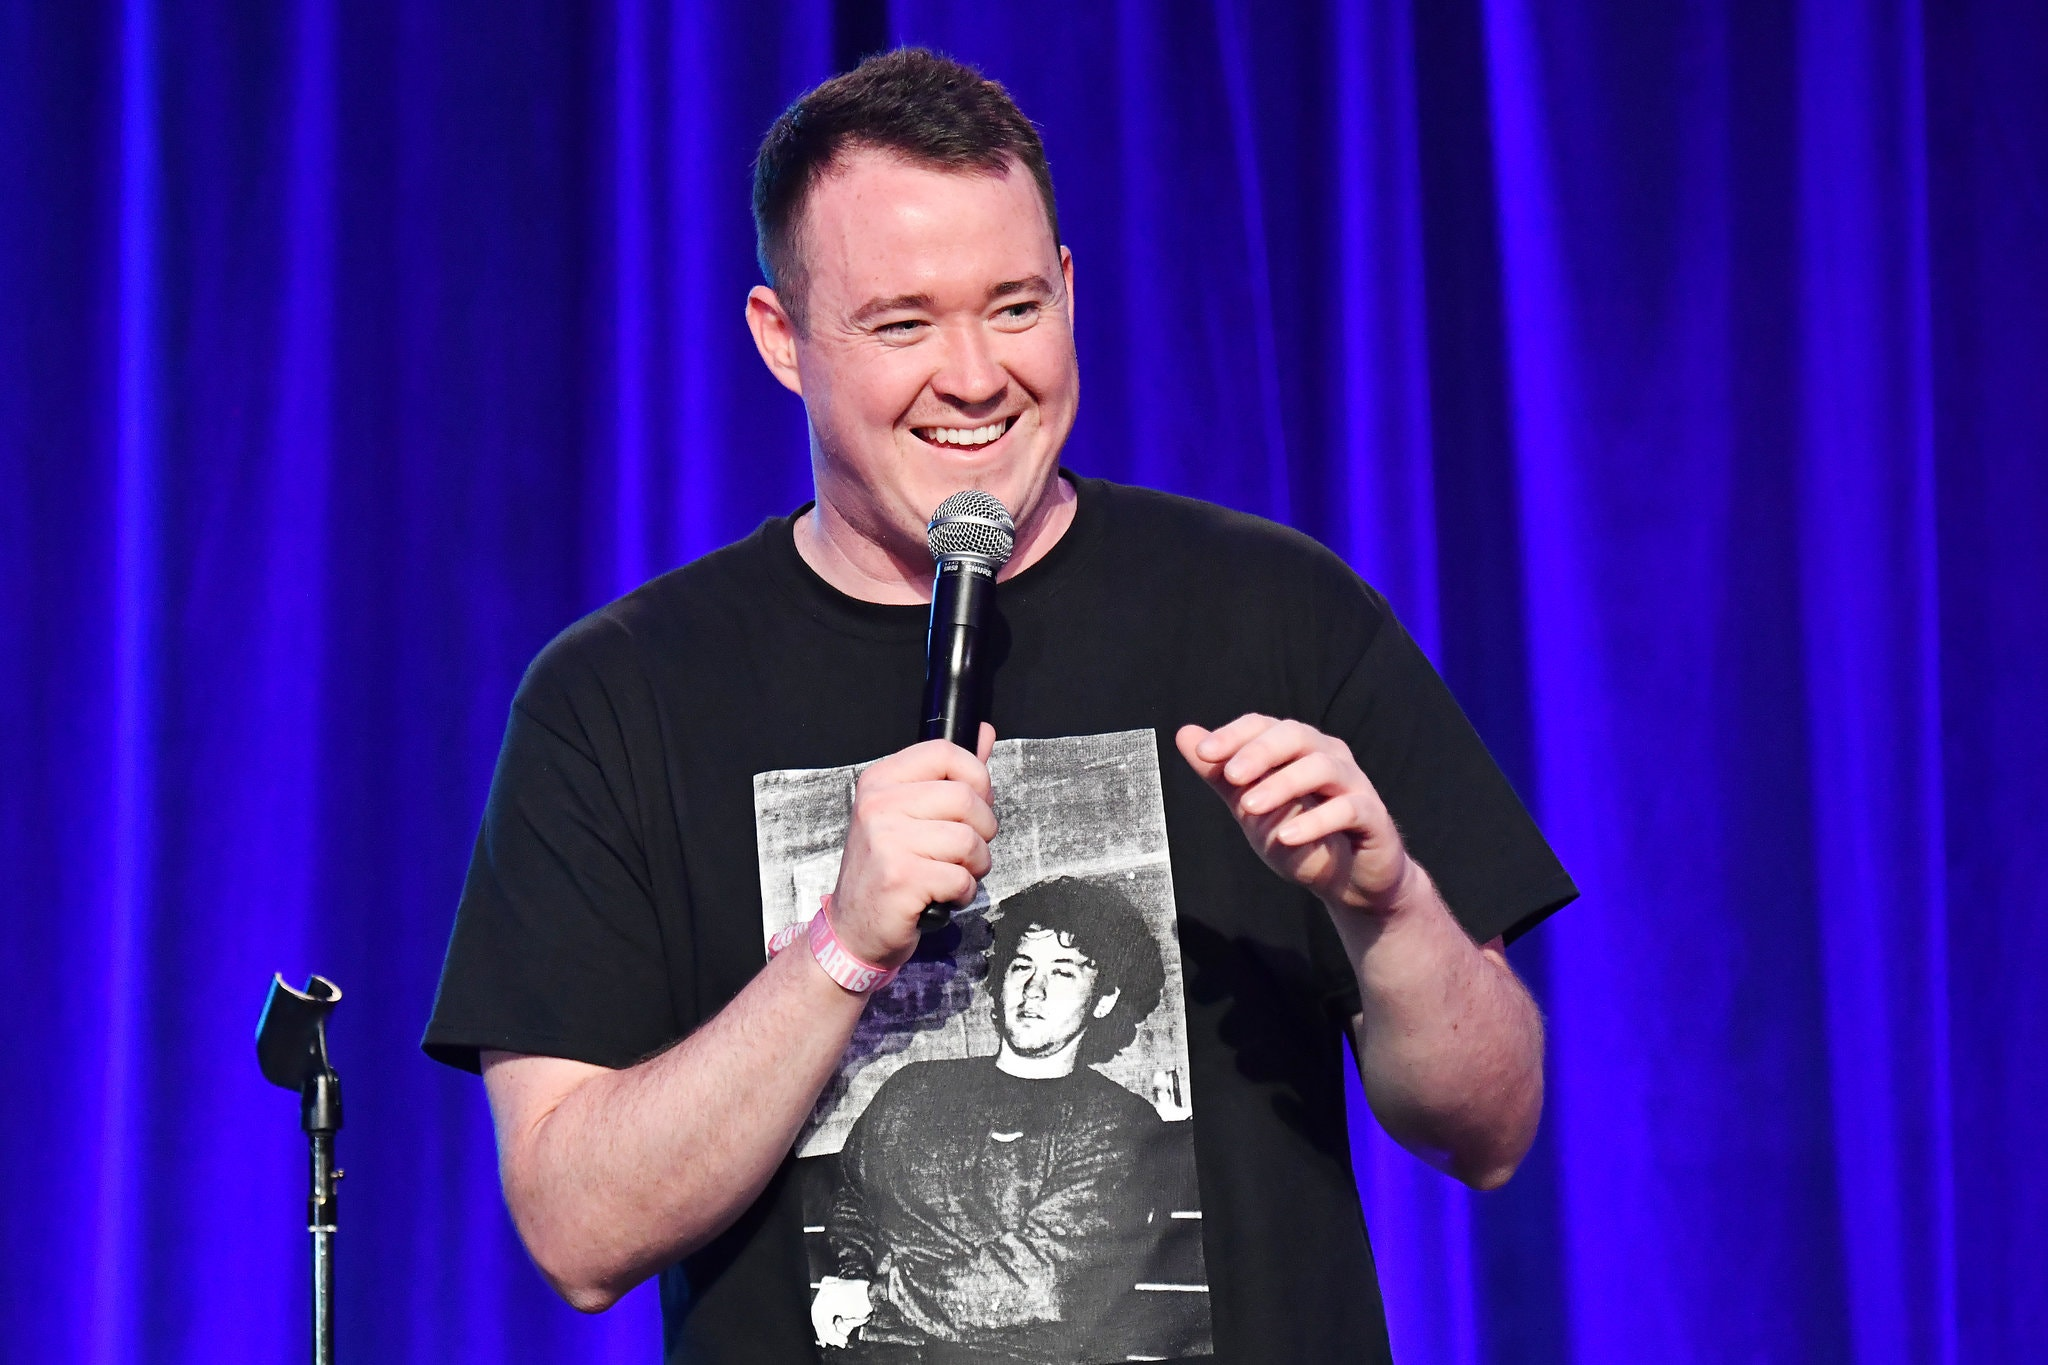 新节目刚官宣5天 美国喜剧人就因辱华言论被开除